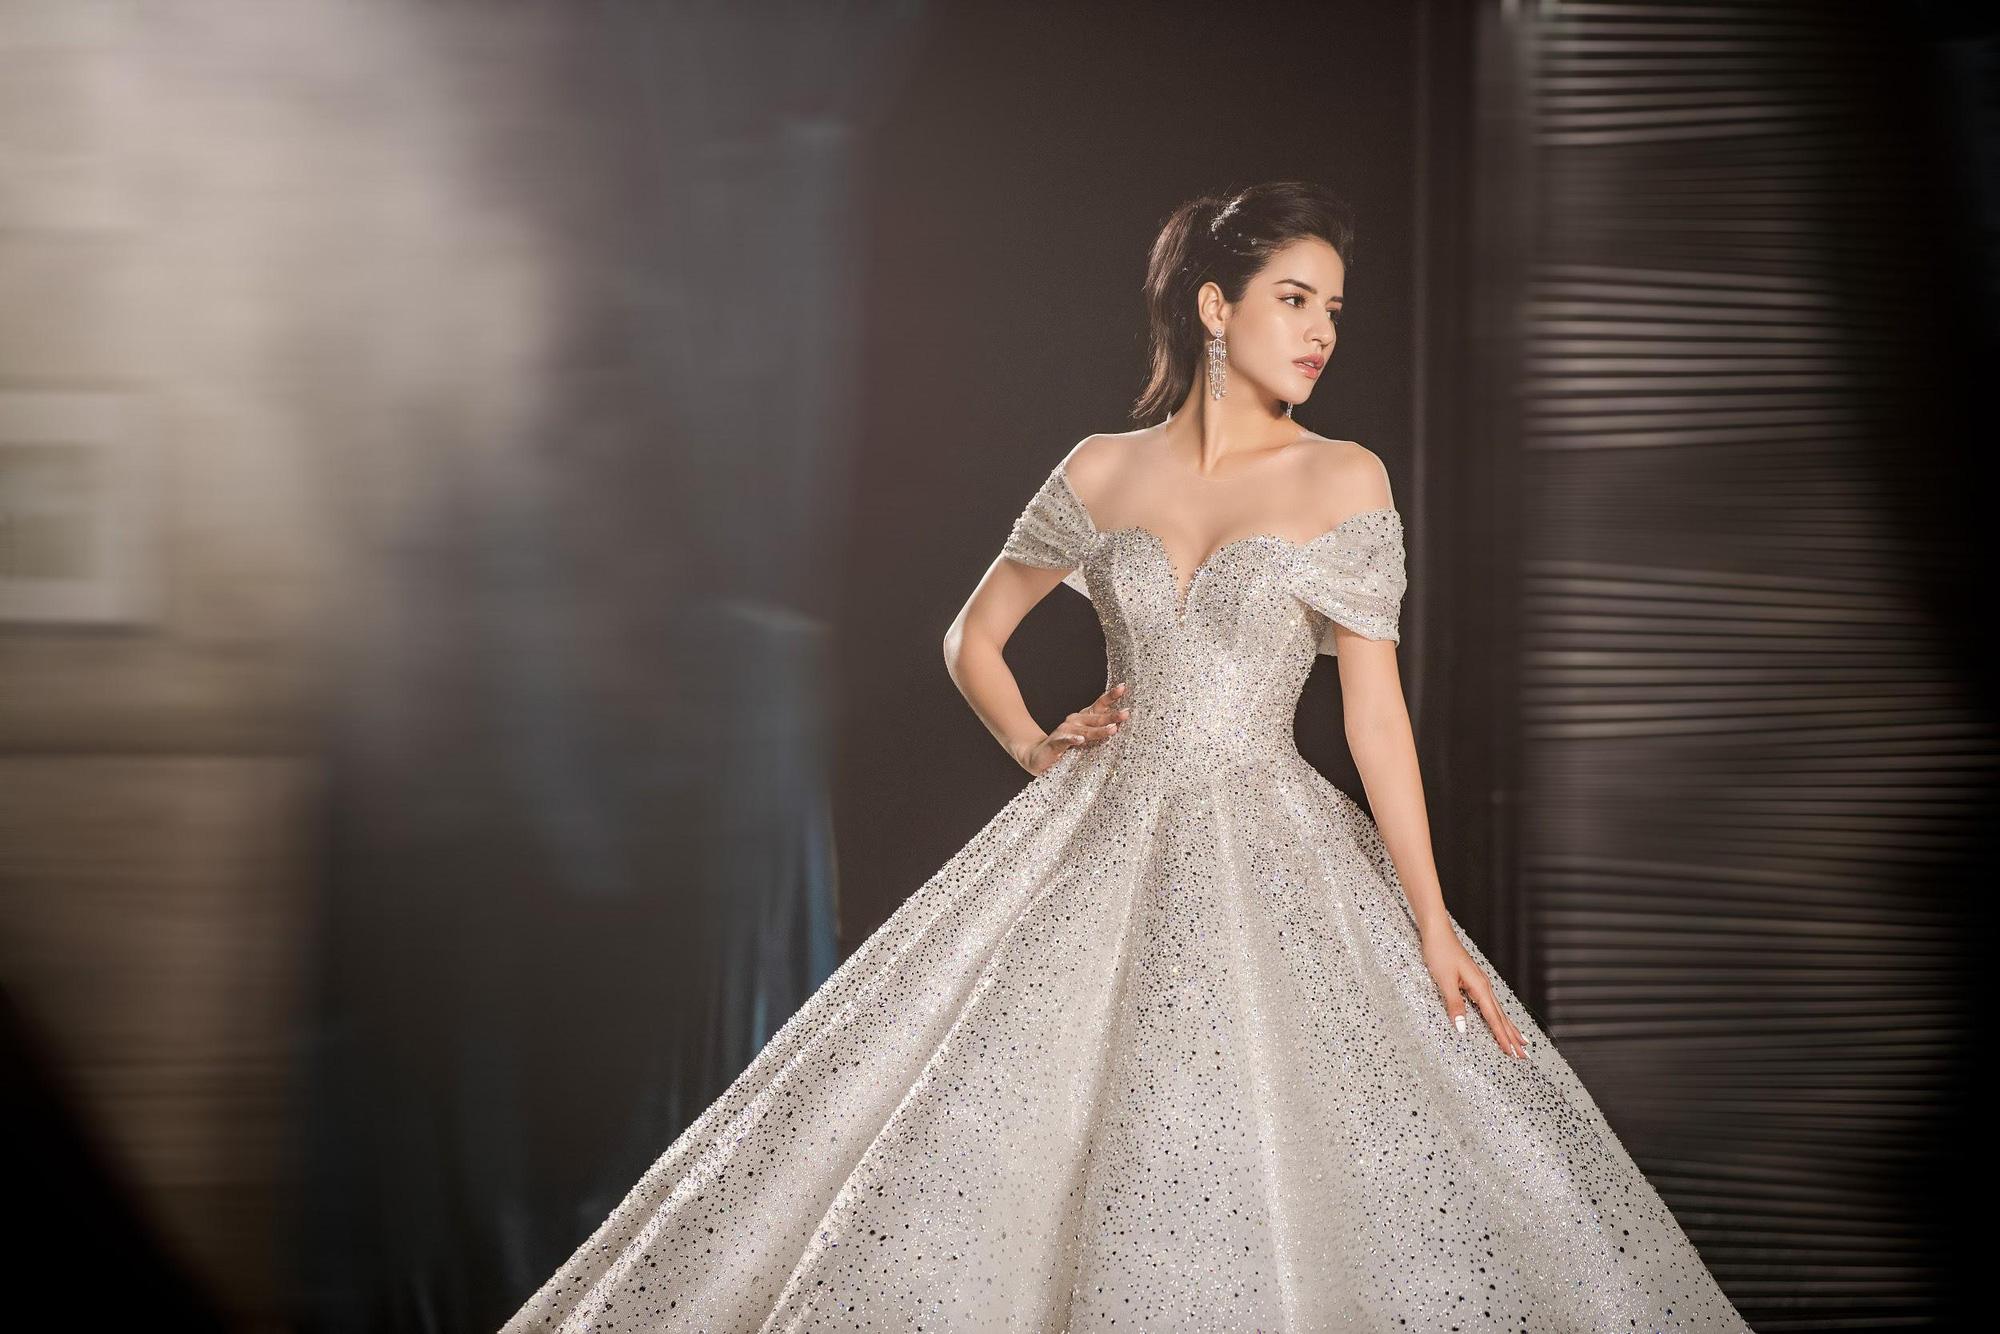 Lecia Bridal ra mắt dòng váy Luxury đính hàng trăm ngàn viên pha lê Swarovski - Ảnh 5.